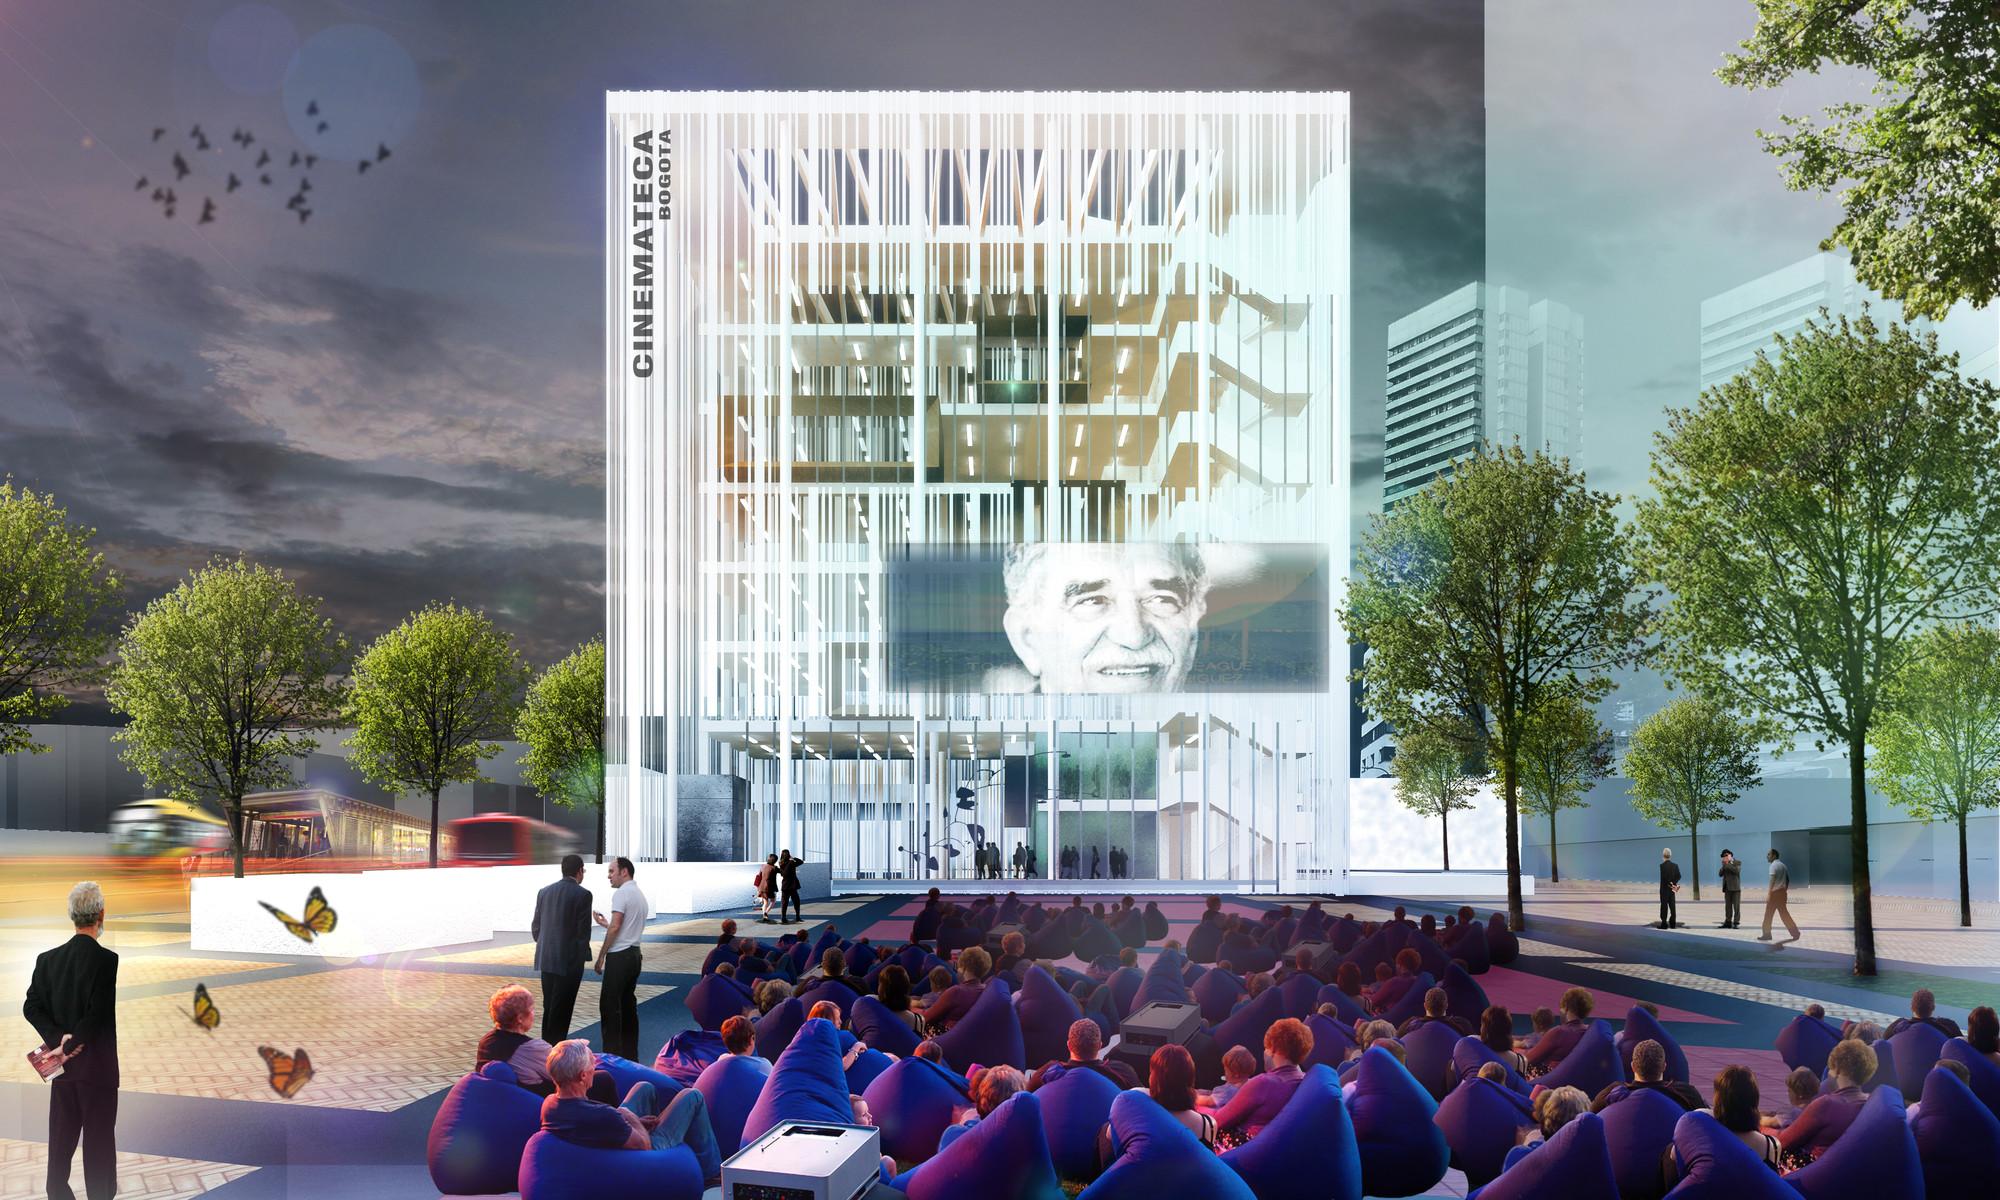 Mención Honrosa en Concurso público del diseño de nueva cinemateca distrital de Bogotá / Colombia, Cortesia de MC Arquitectos